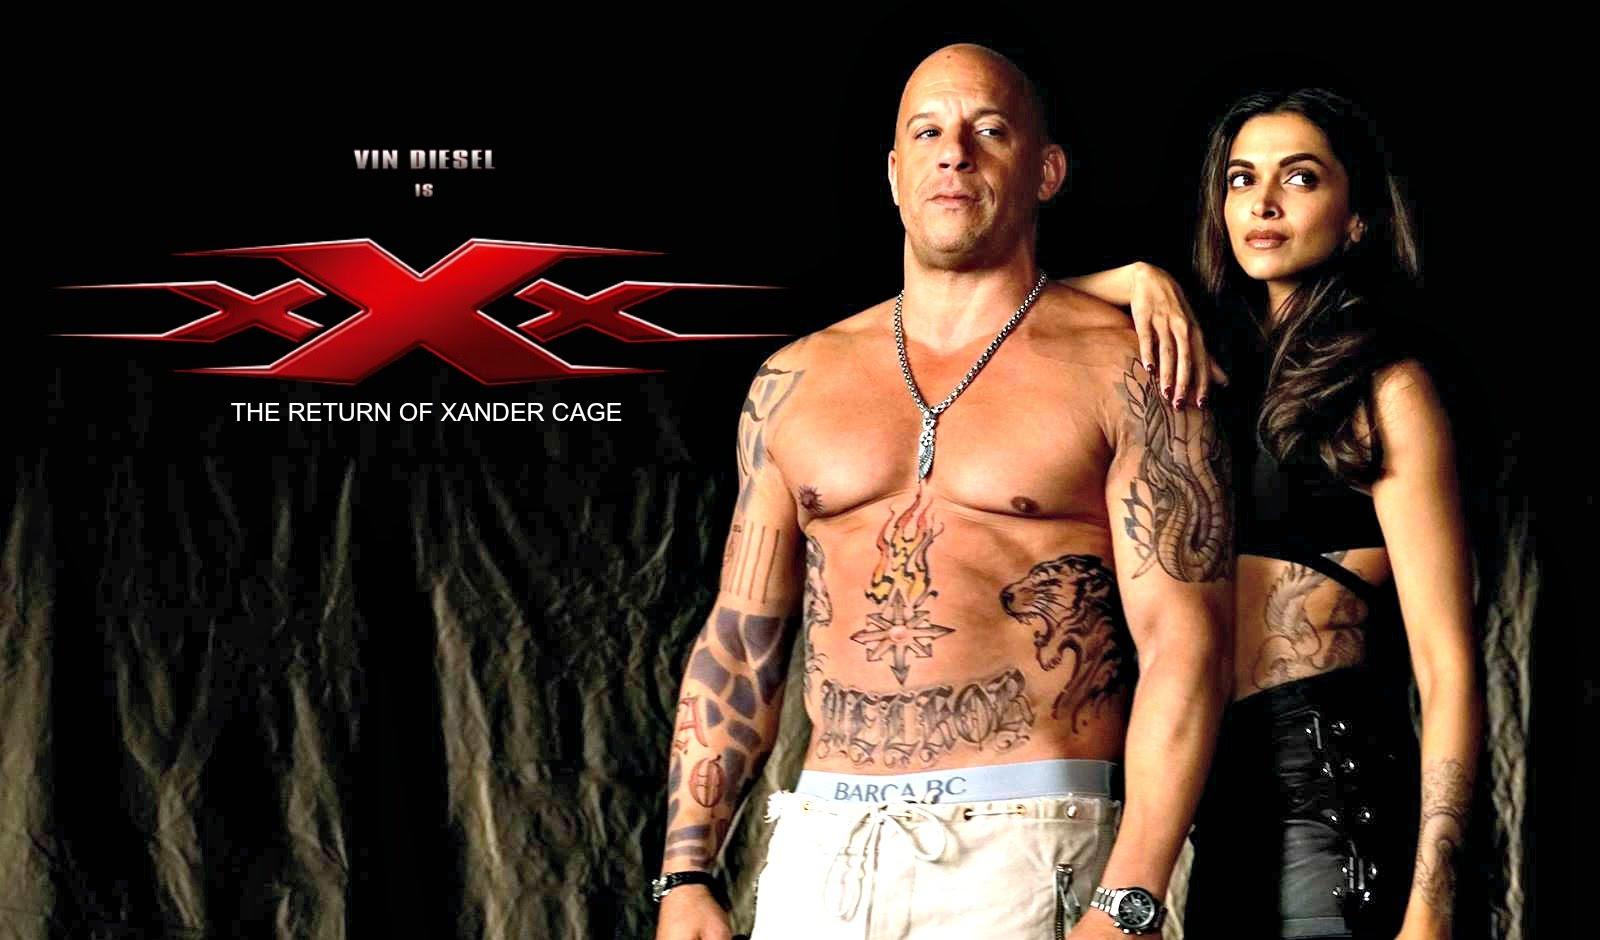 Xxx movie previews